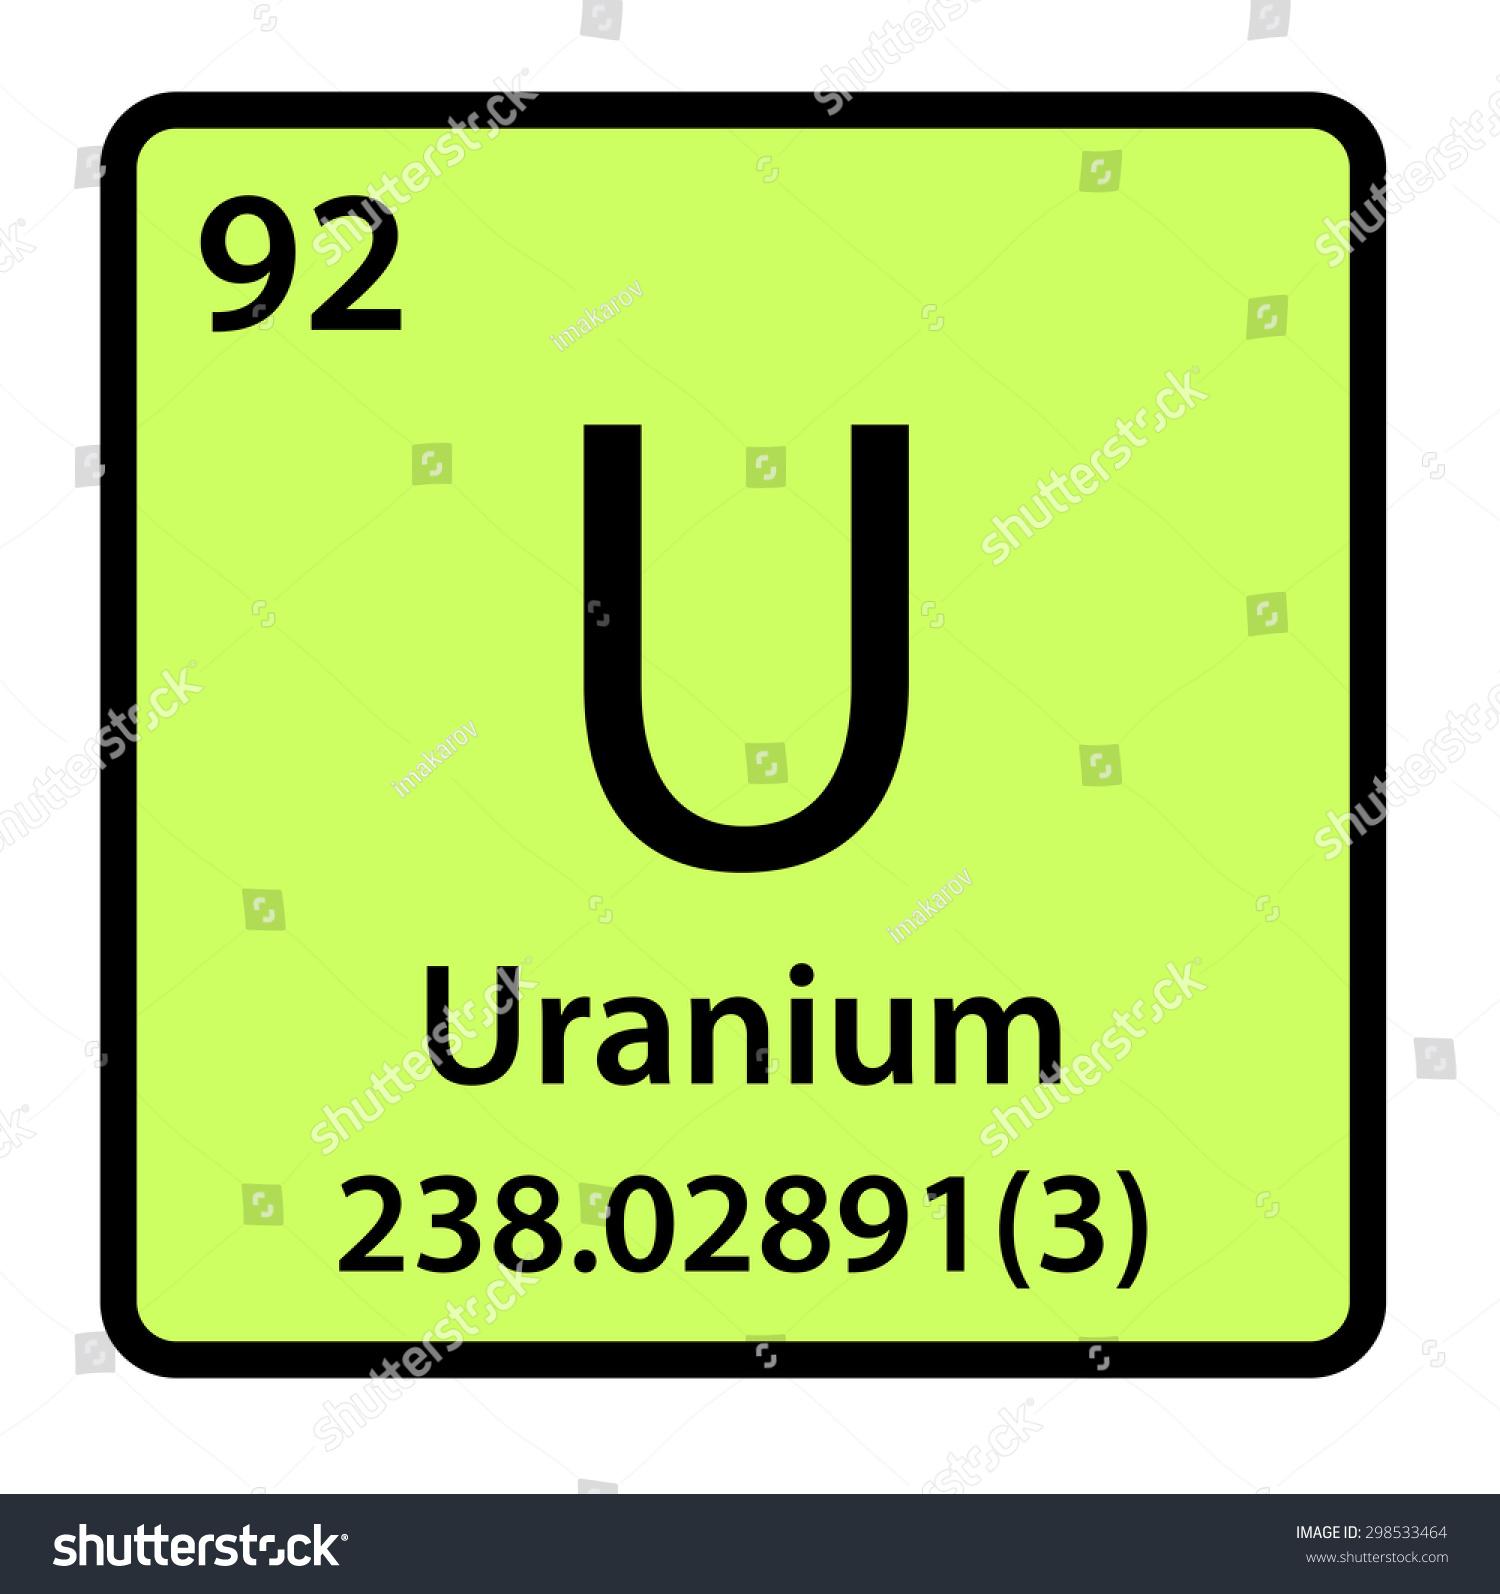 Element uranium periodic table stock illustration 298533464 element uranium of the periodic table buycottarizona Images